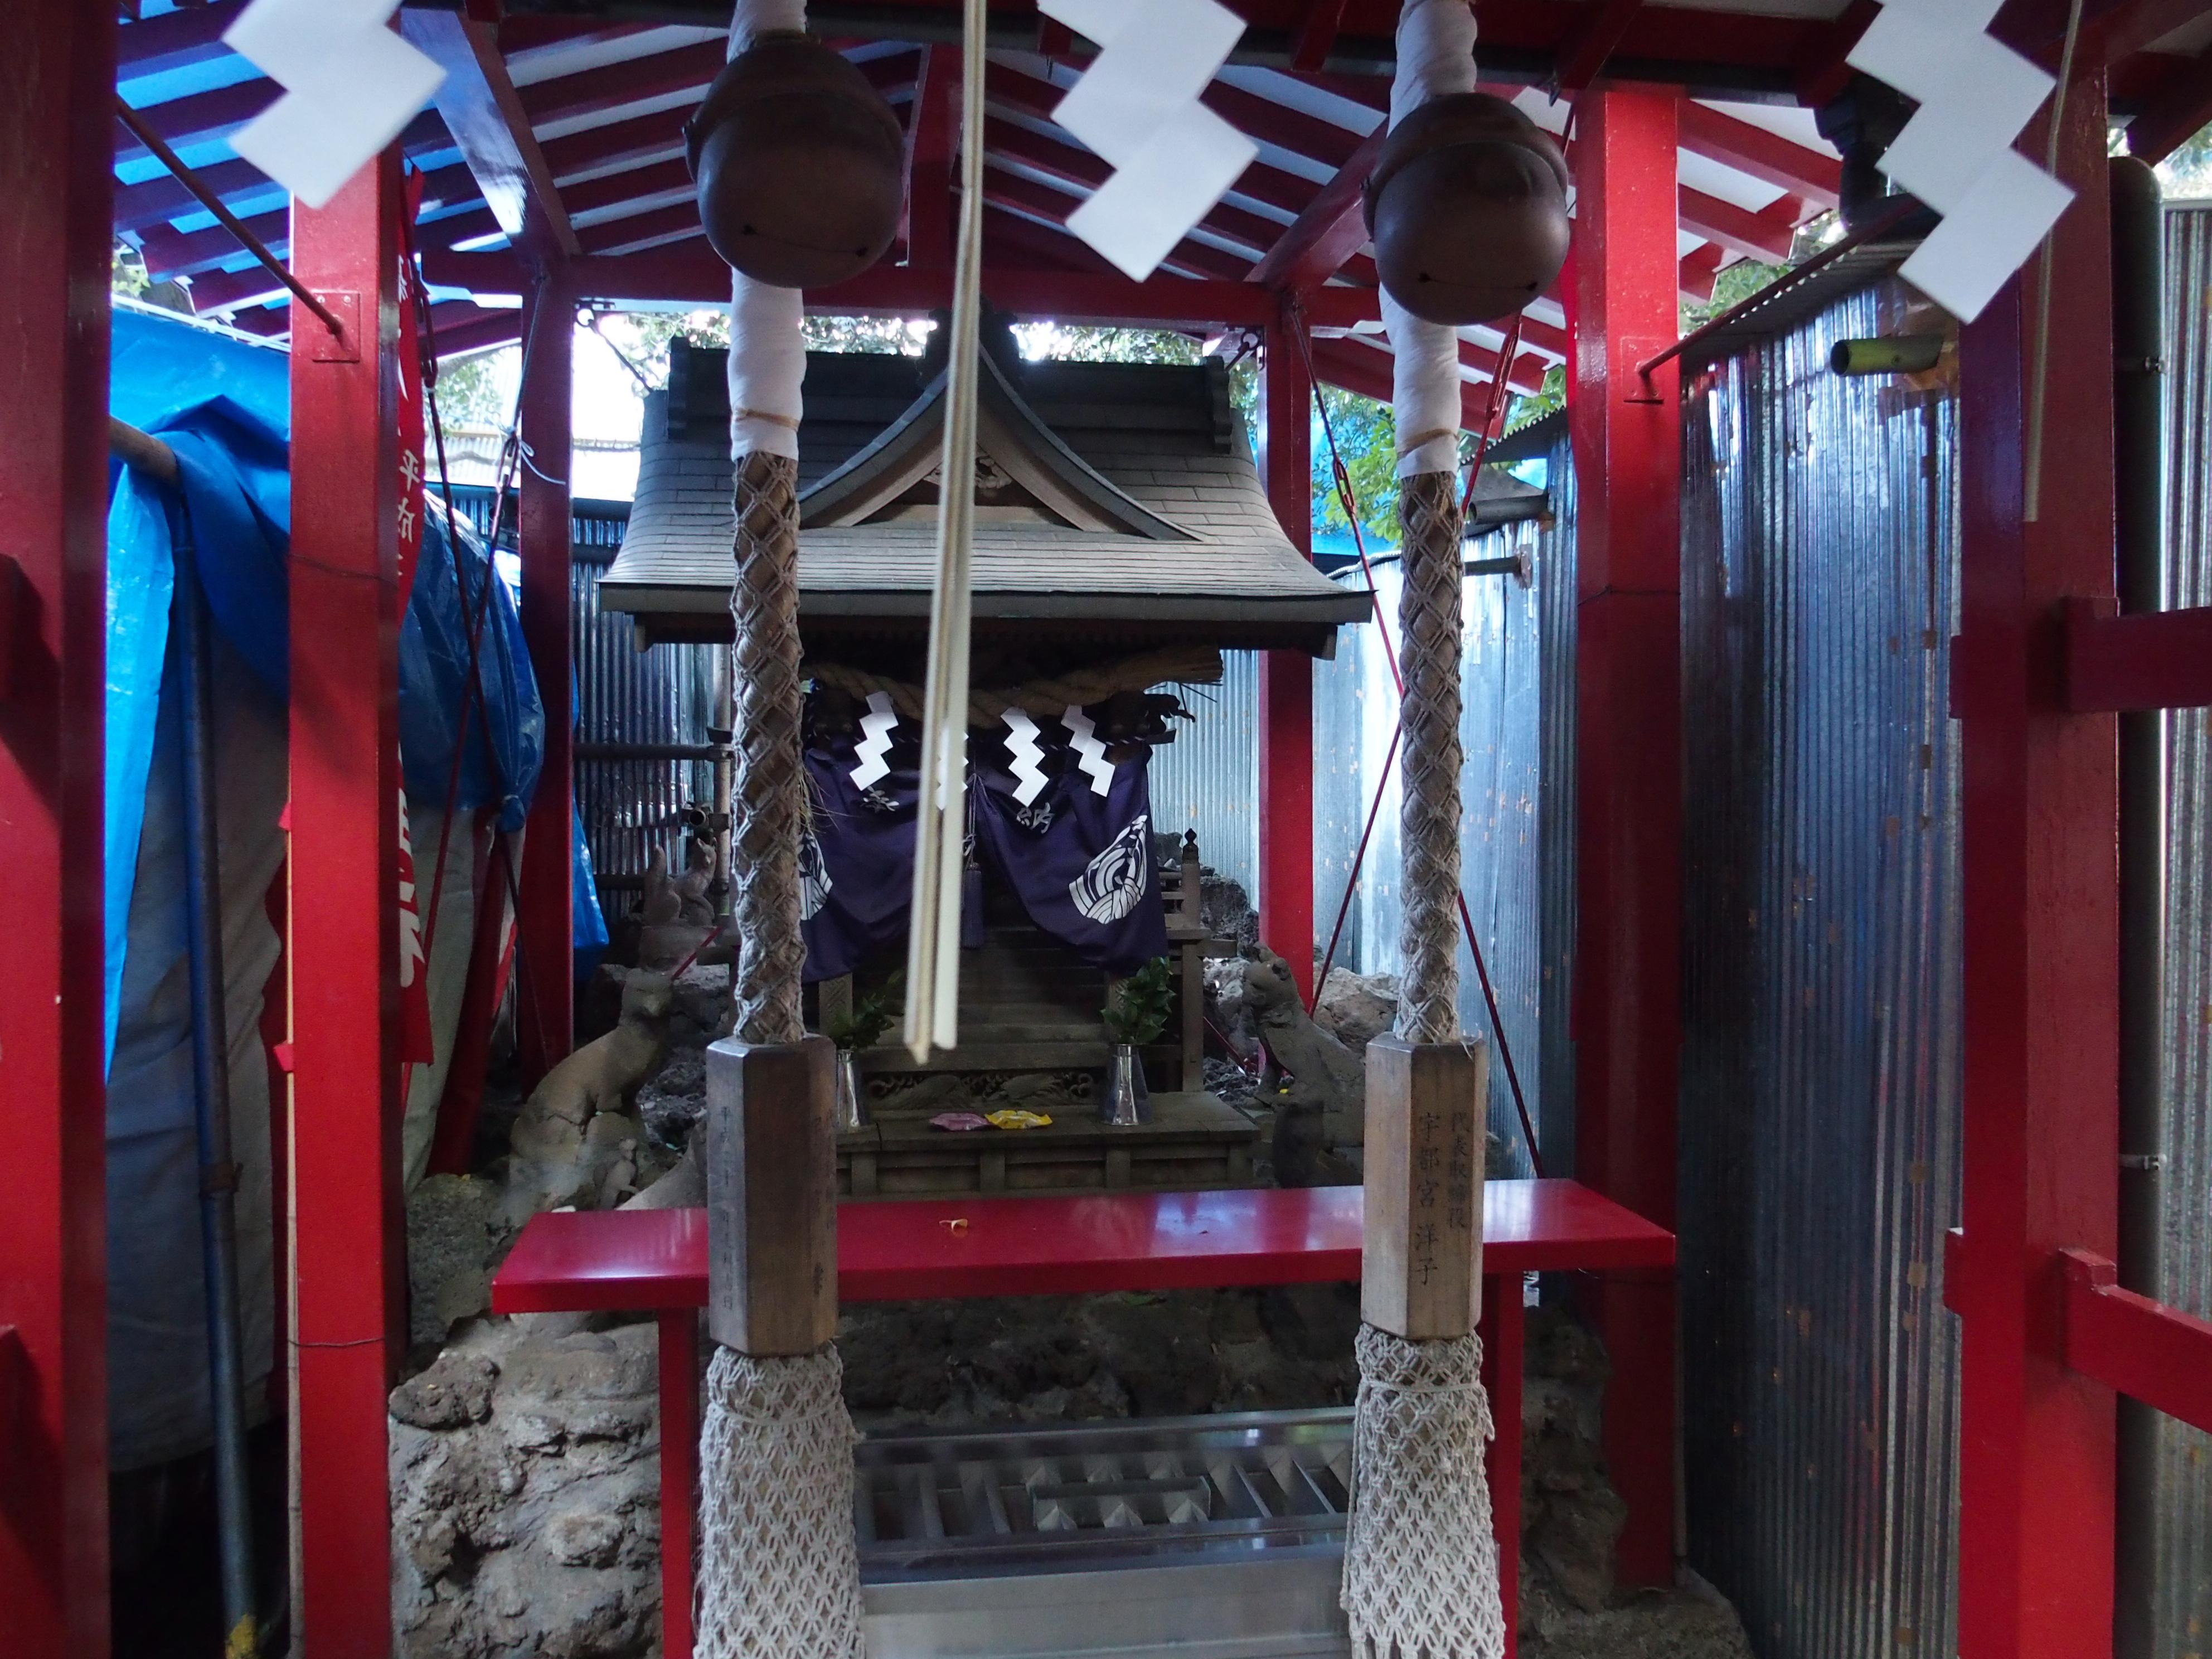 花園神社の子宝と縁結びと夫婦和合のご利益がある威徳稲荷神社